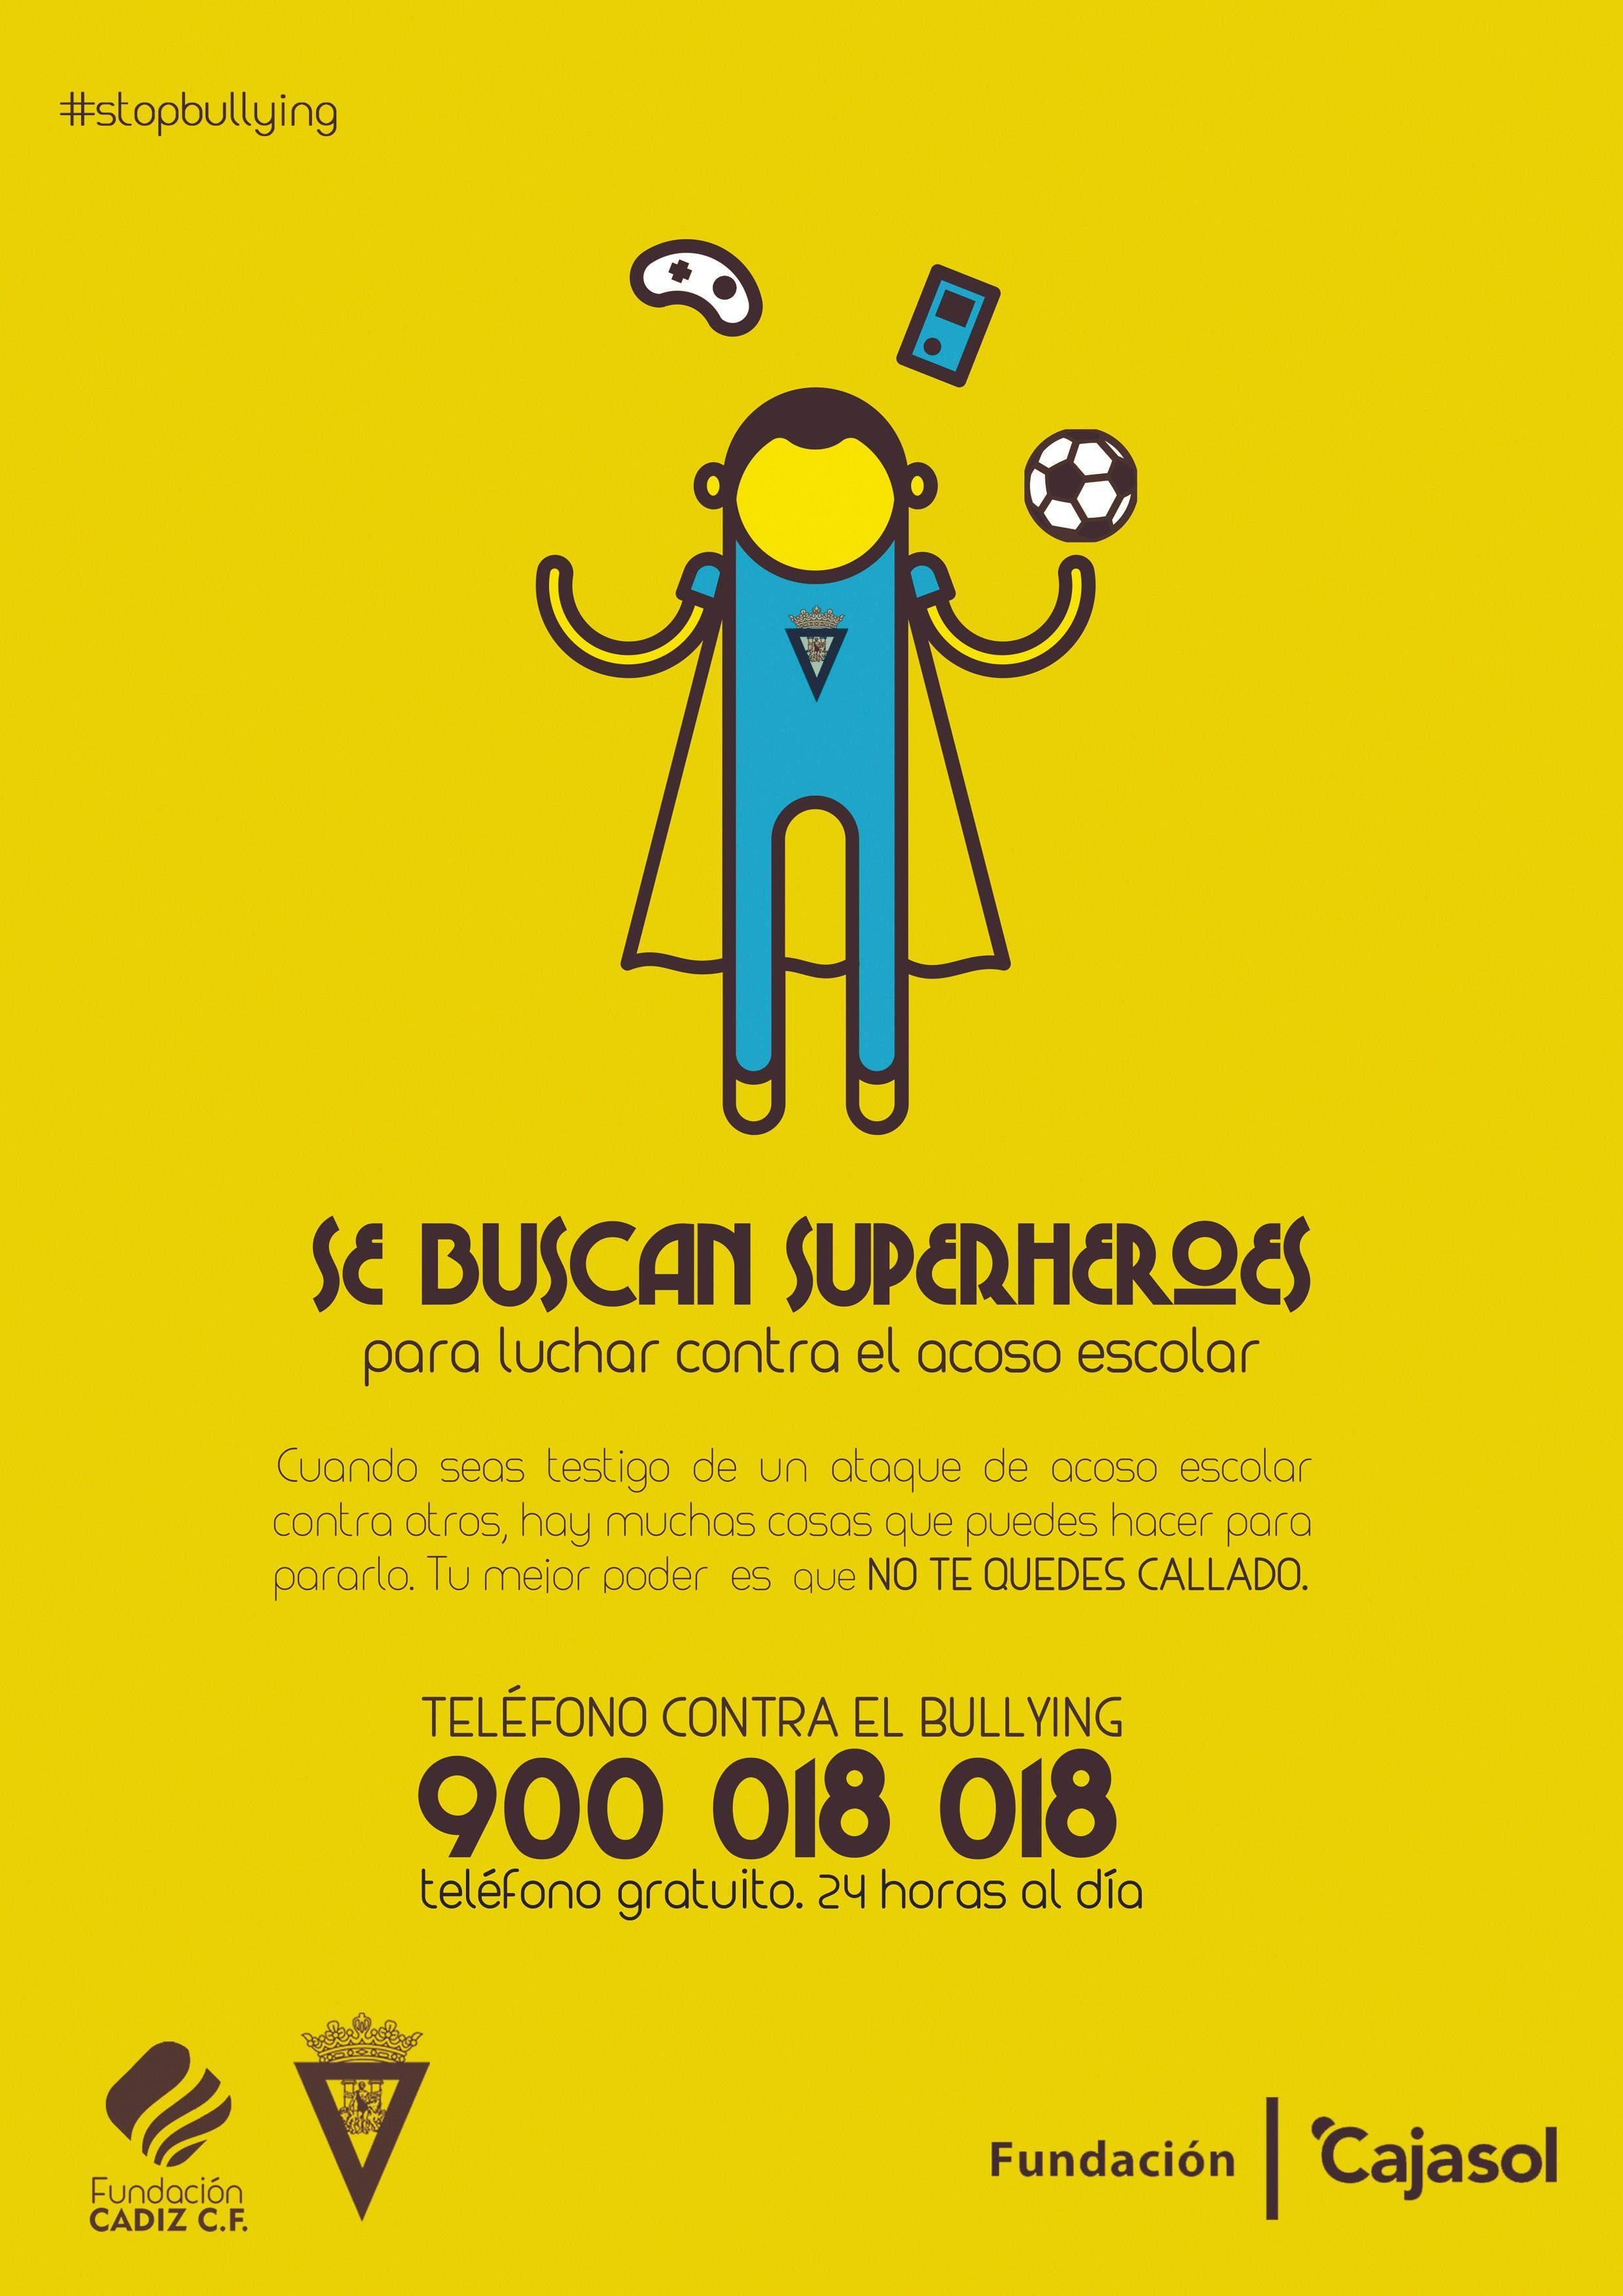 Campaña contra el acoso escolar, Fundación Cadiz C.F, 2017.